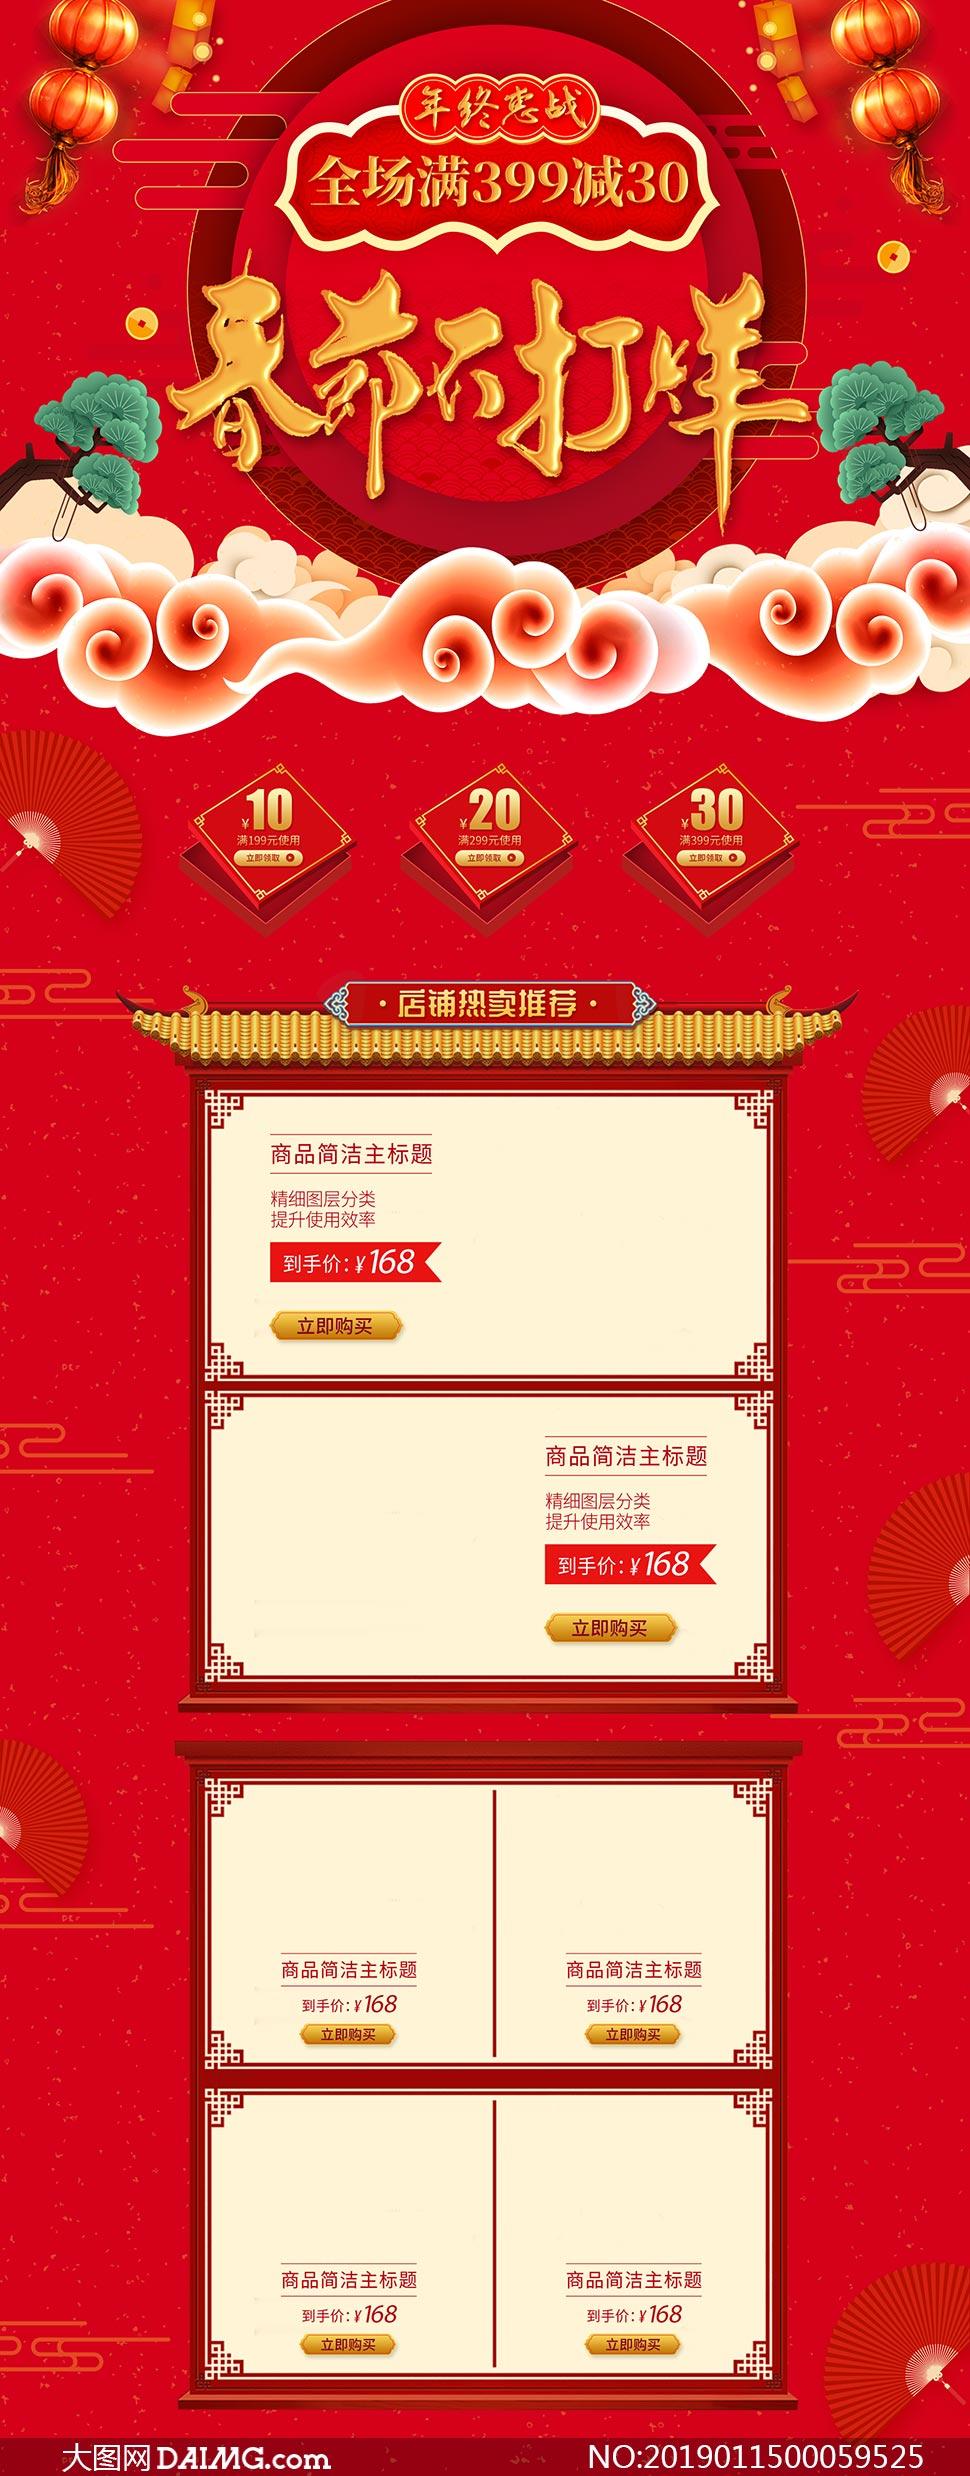 淘宝新年首页装修设计模板PSD素材